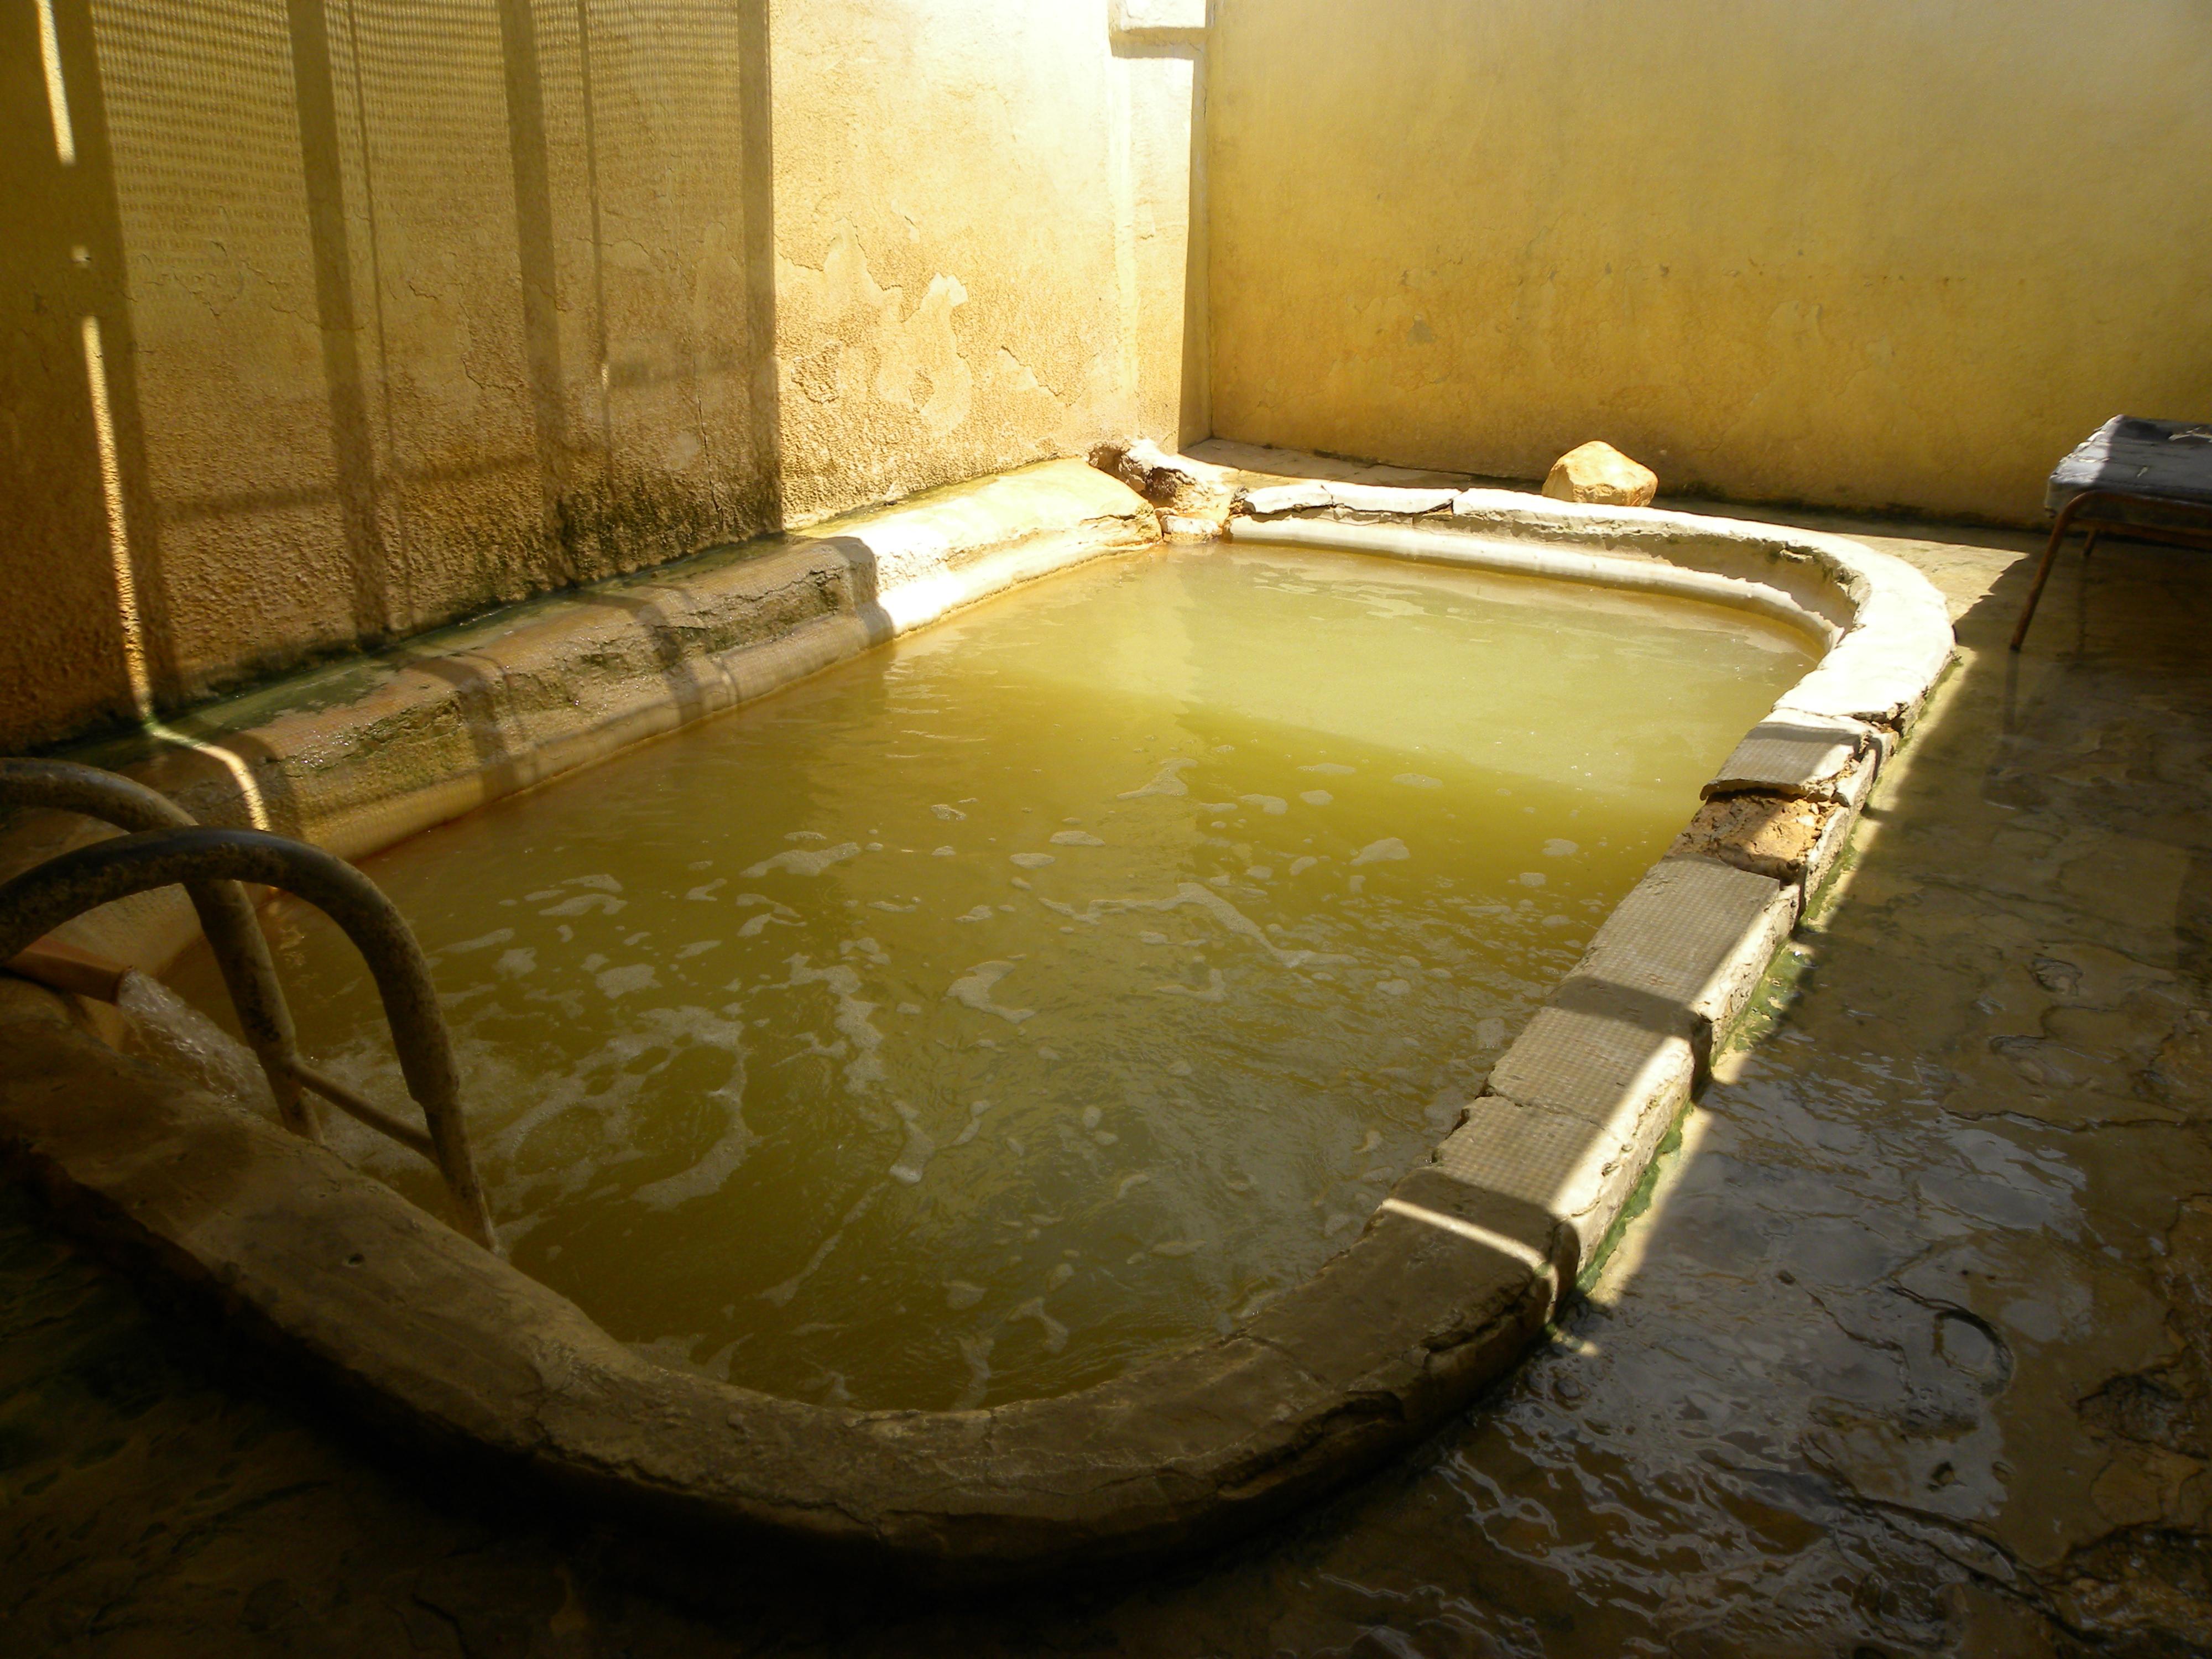 Աշխատեցրել, բայց չեն վճարում. լողավազանն էլ մաքրում են փոշեկուլով. «Չորրորդ իշխանություն»